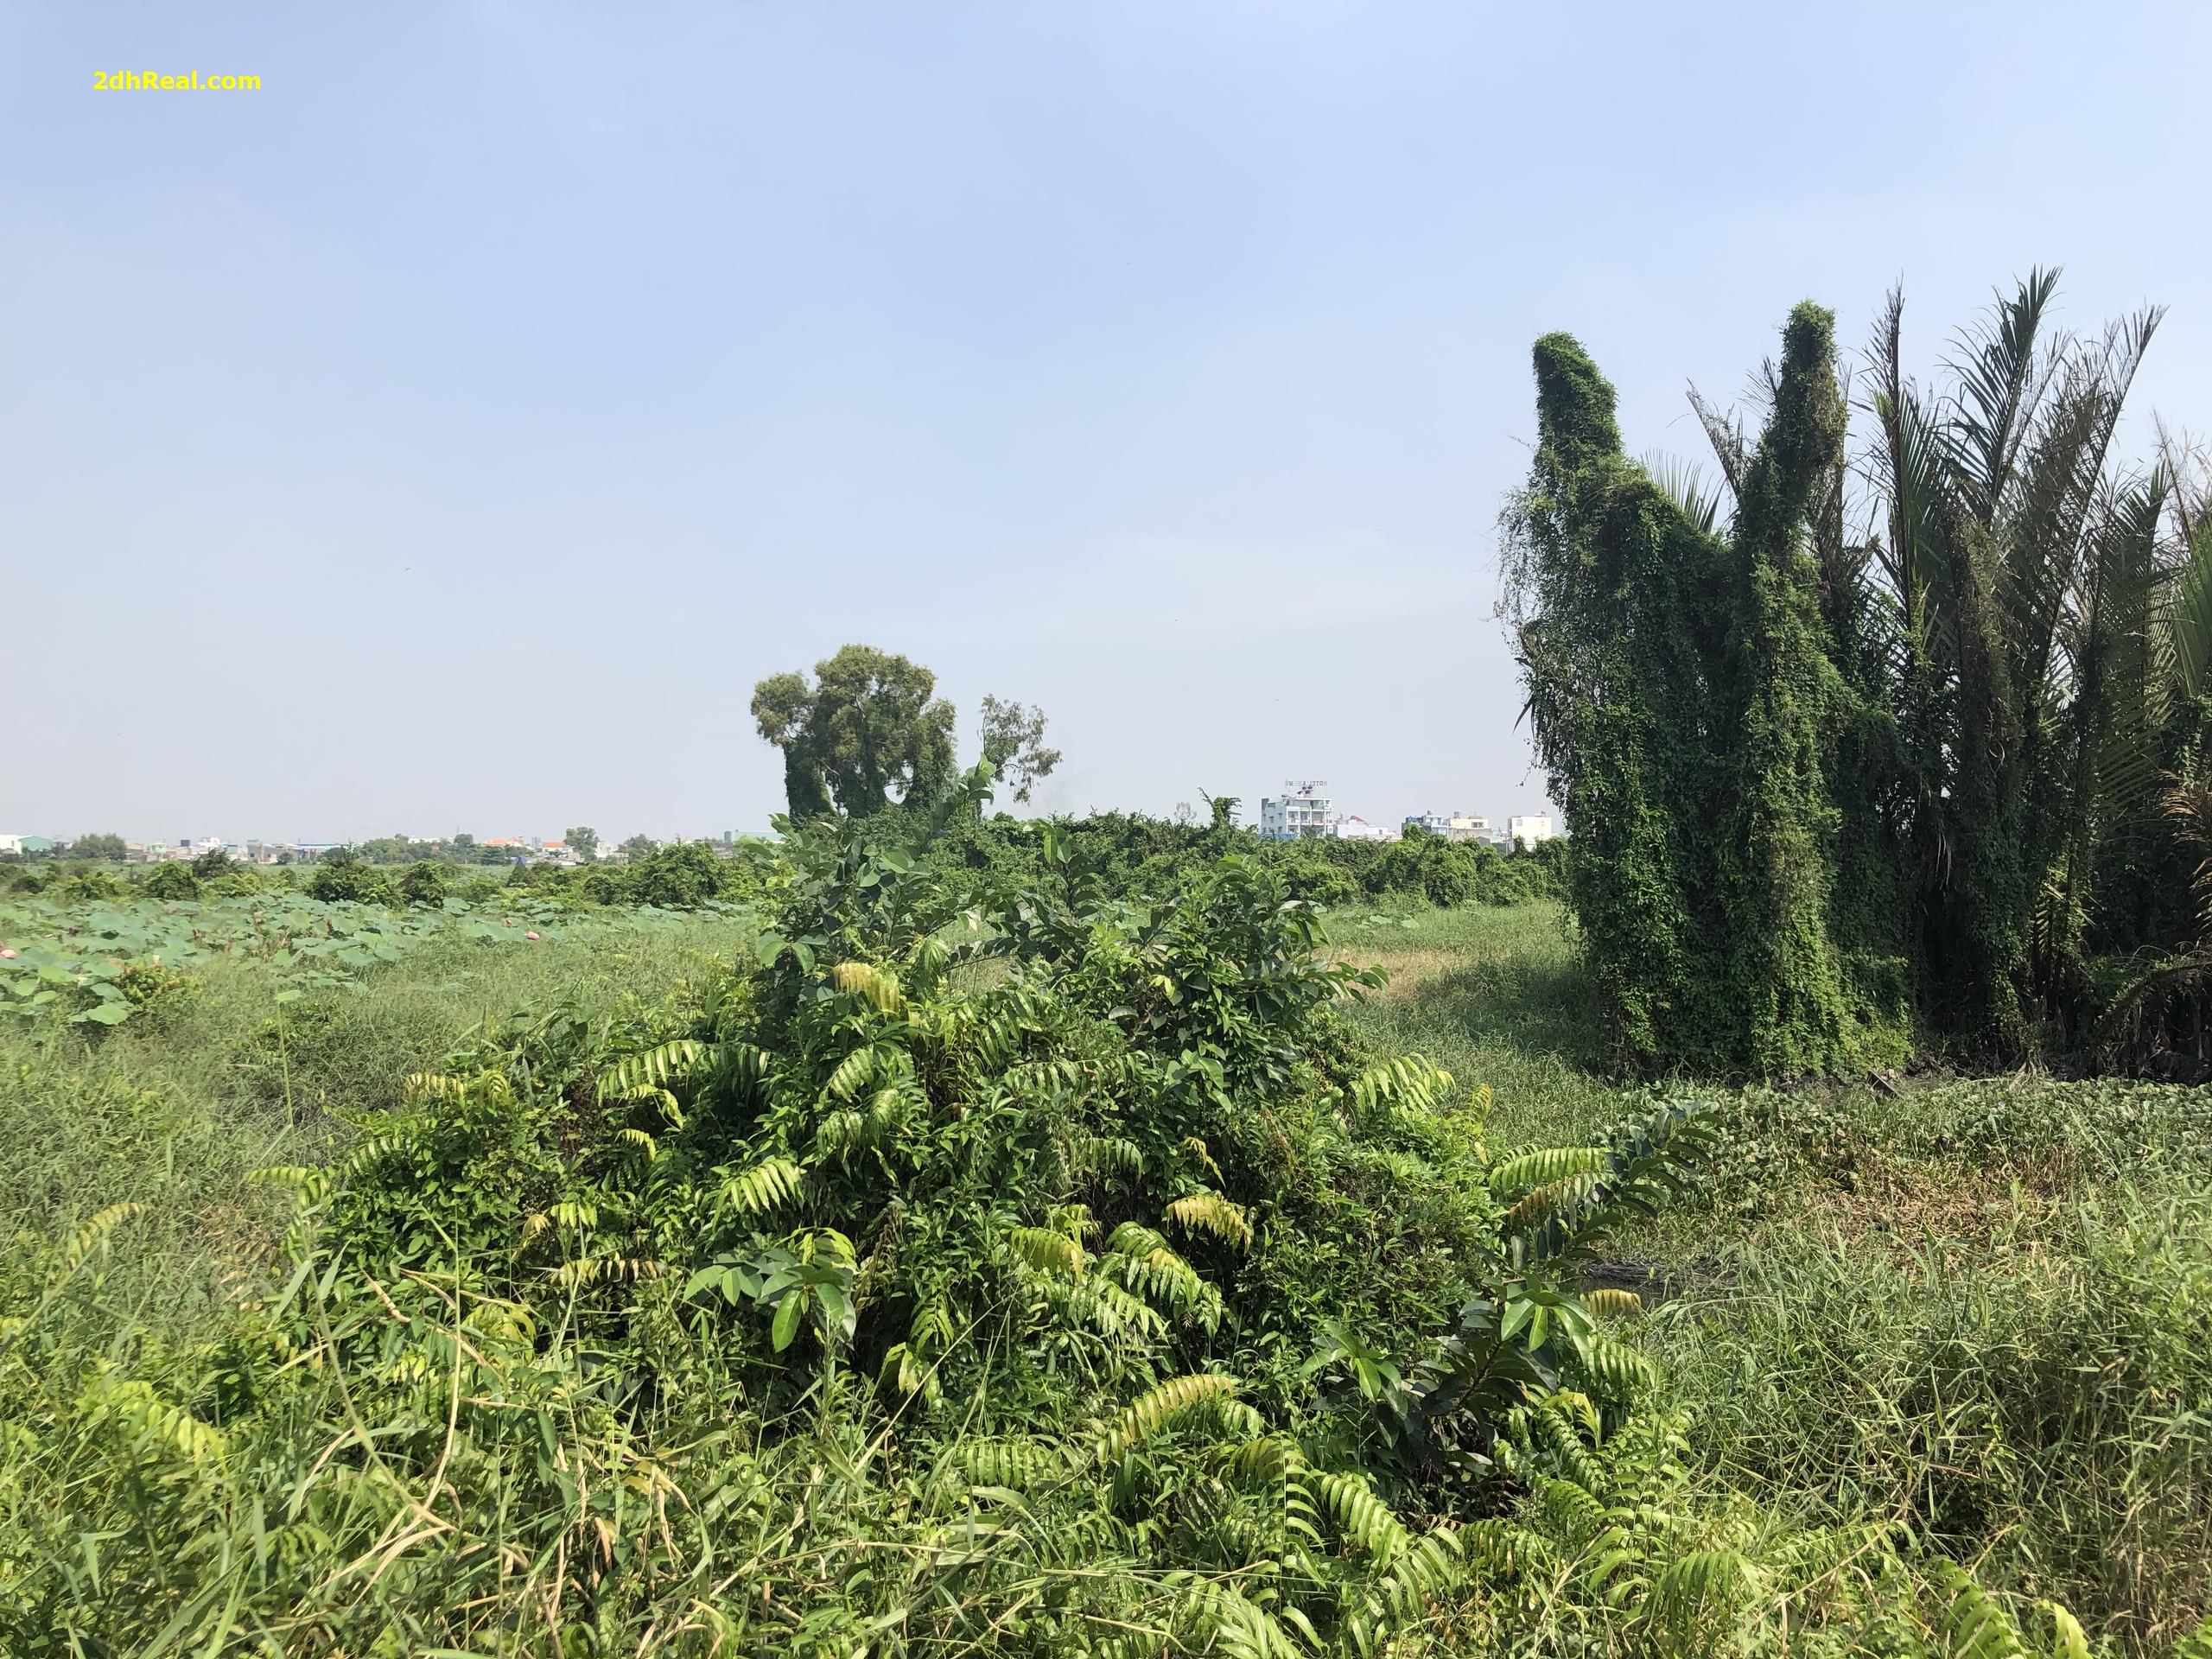 Chuyển nhượng dự án 47 ha phường Bình Trị Đông B, quận Bình Tân